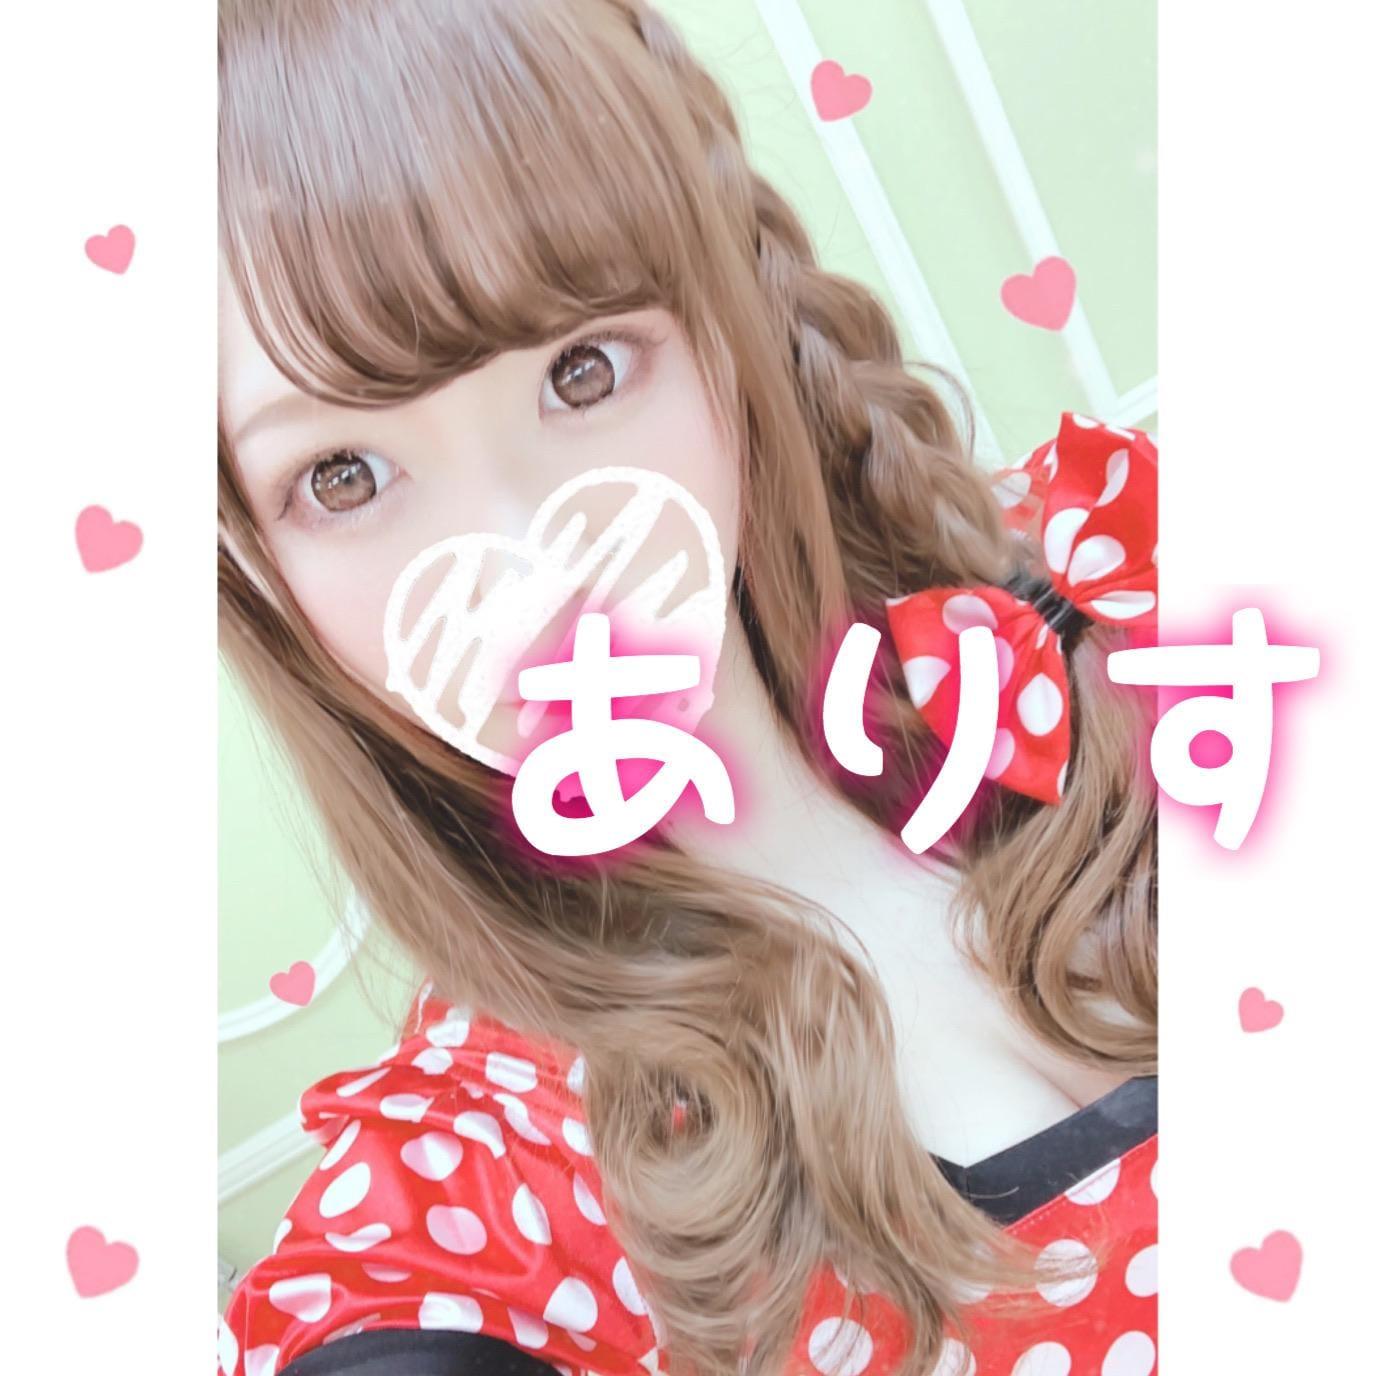 「また明日!」03/29(日) 04:12 | ありすの写メ・風俗動画